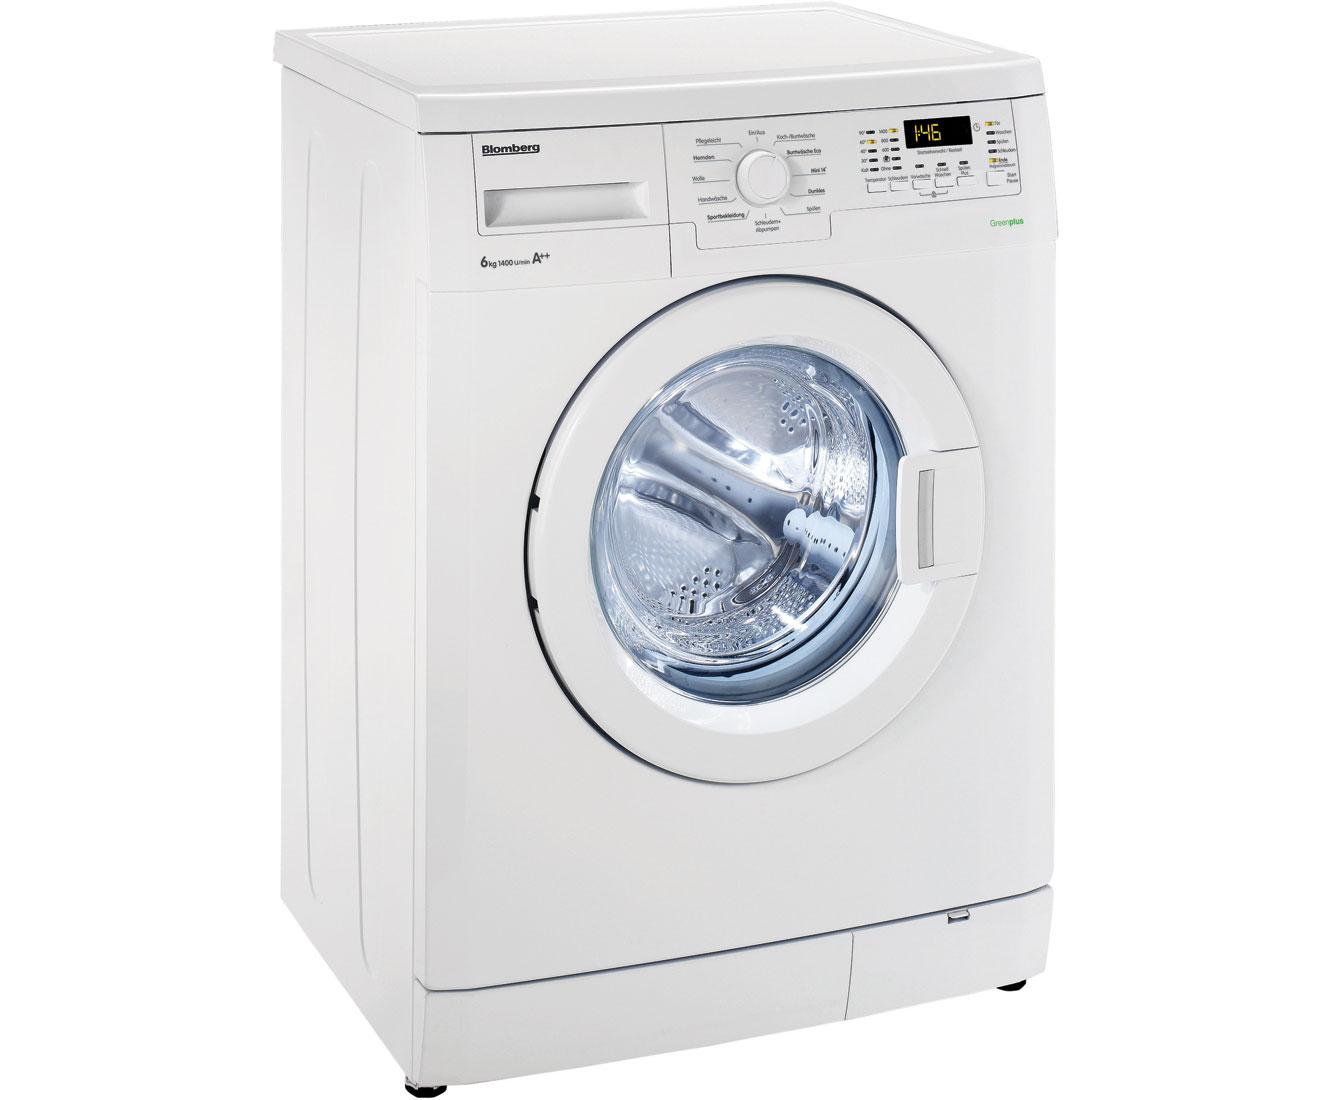 Blomberg waf 71620 waschvollautomat weiss eek a von for Blomberg waschmaschinen